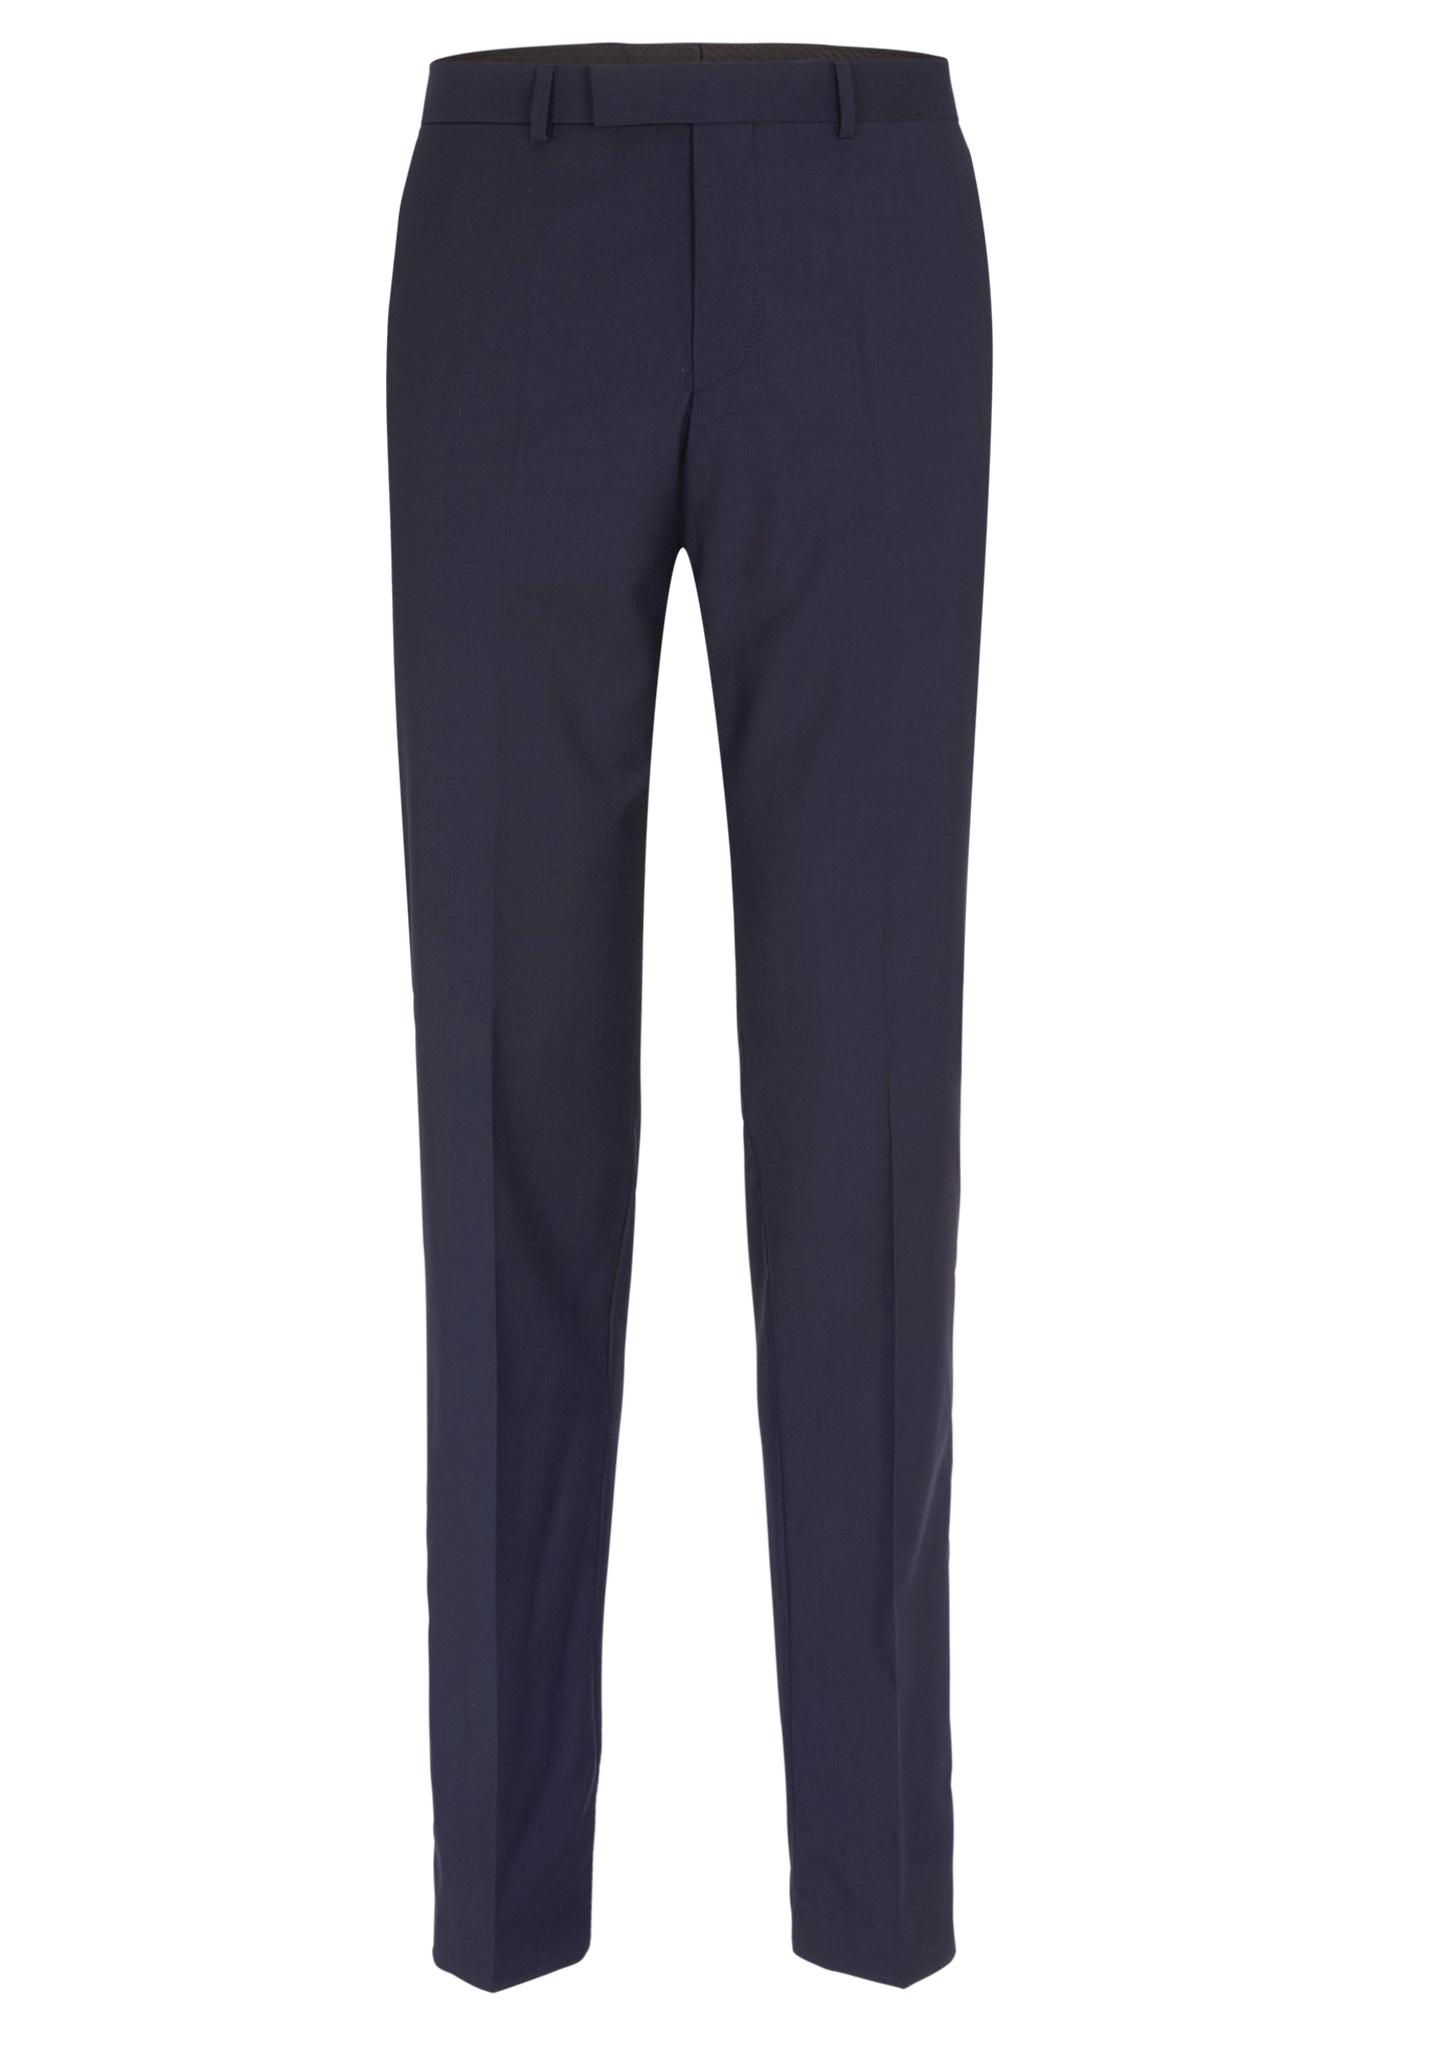 Businesshose   Bekleidung > Hosen > Sonstige Hosen   Blau   Obermaterial 100% schurwolle  futter 100% polyester   s.Oliver BLACK LABEL